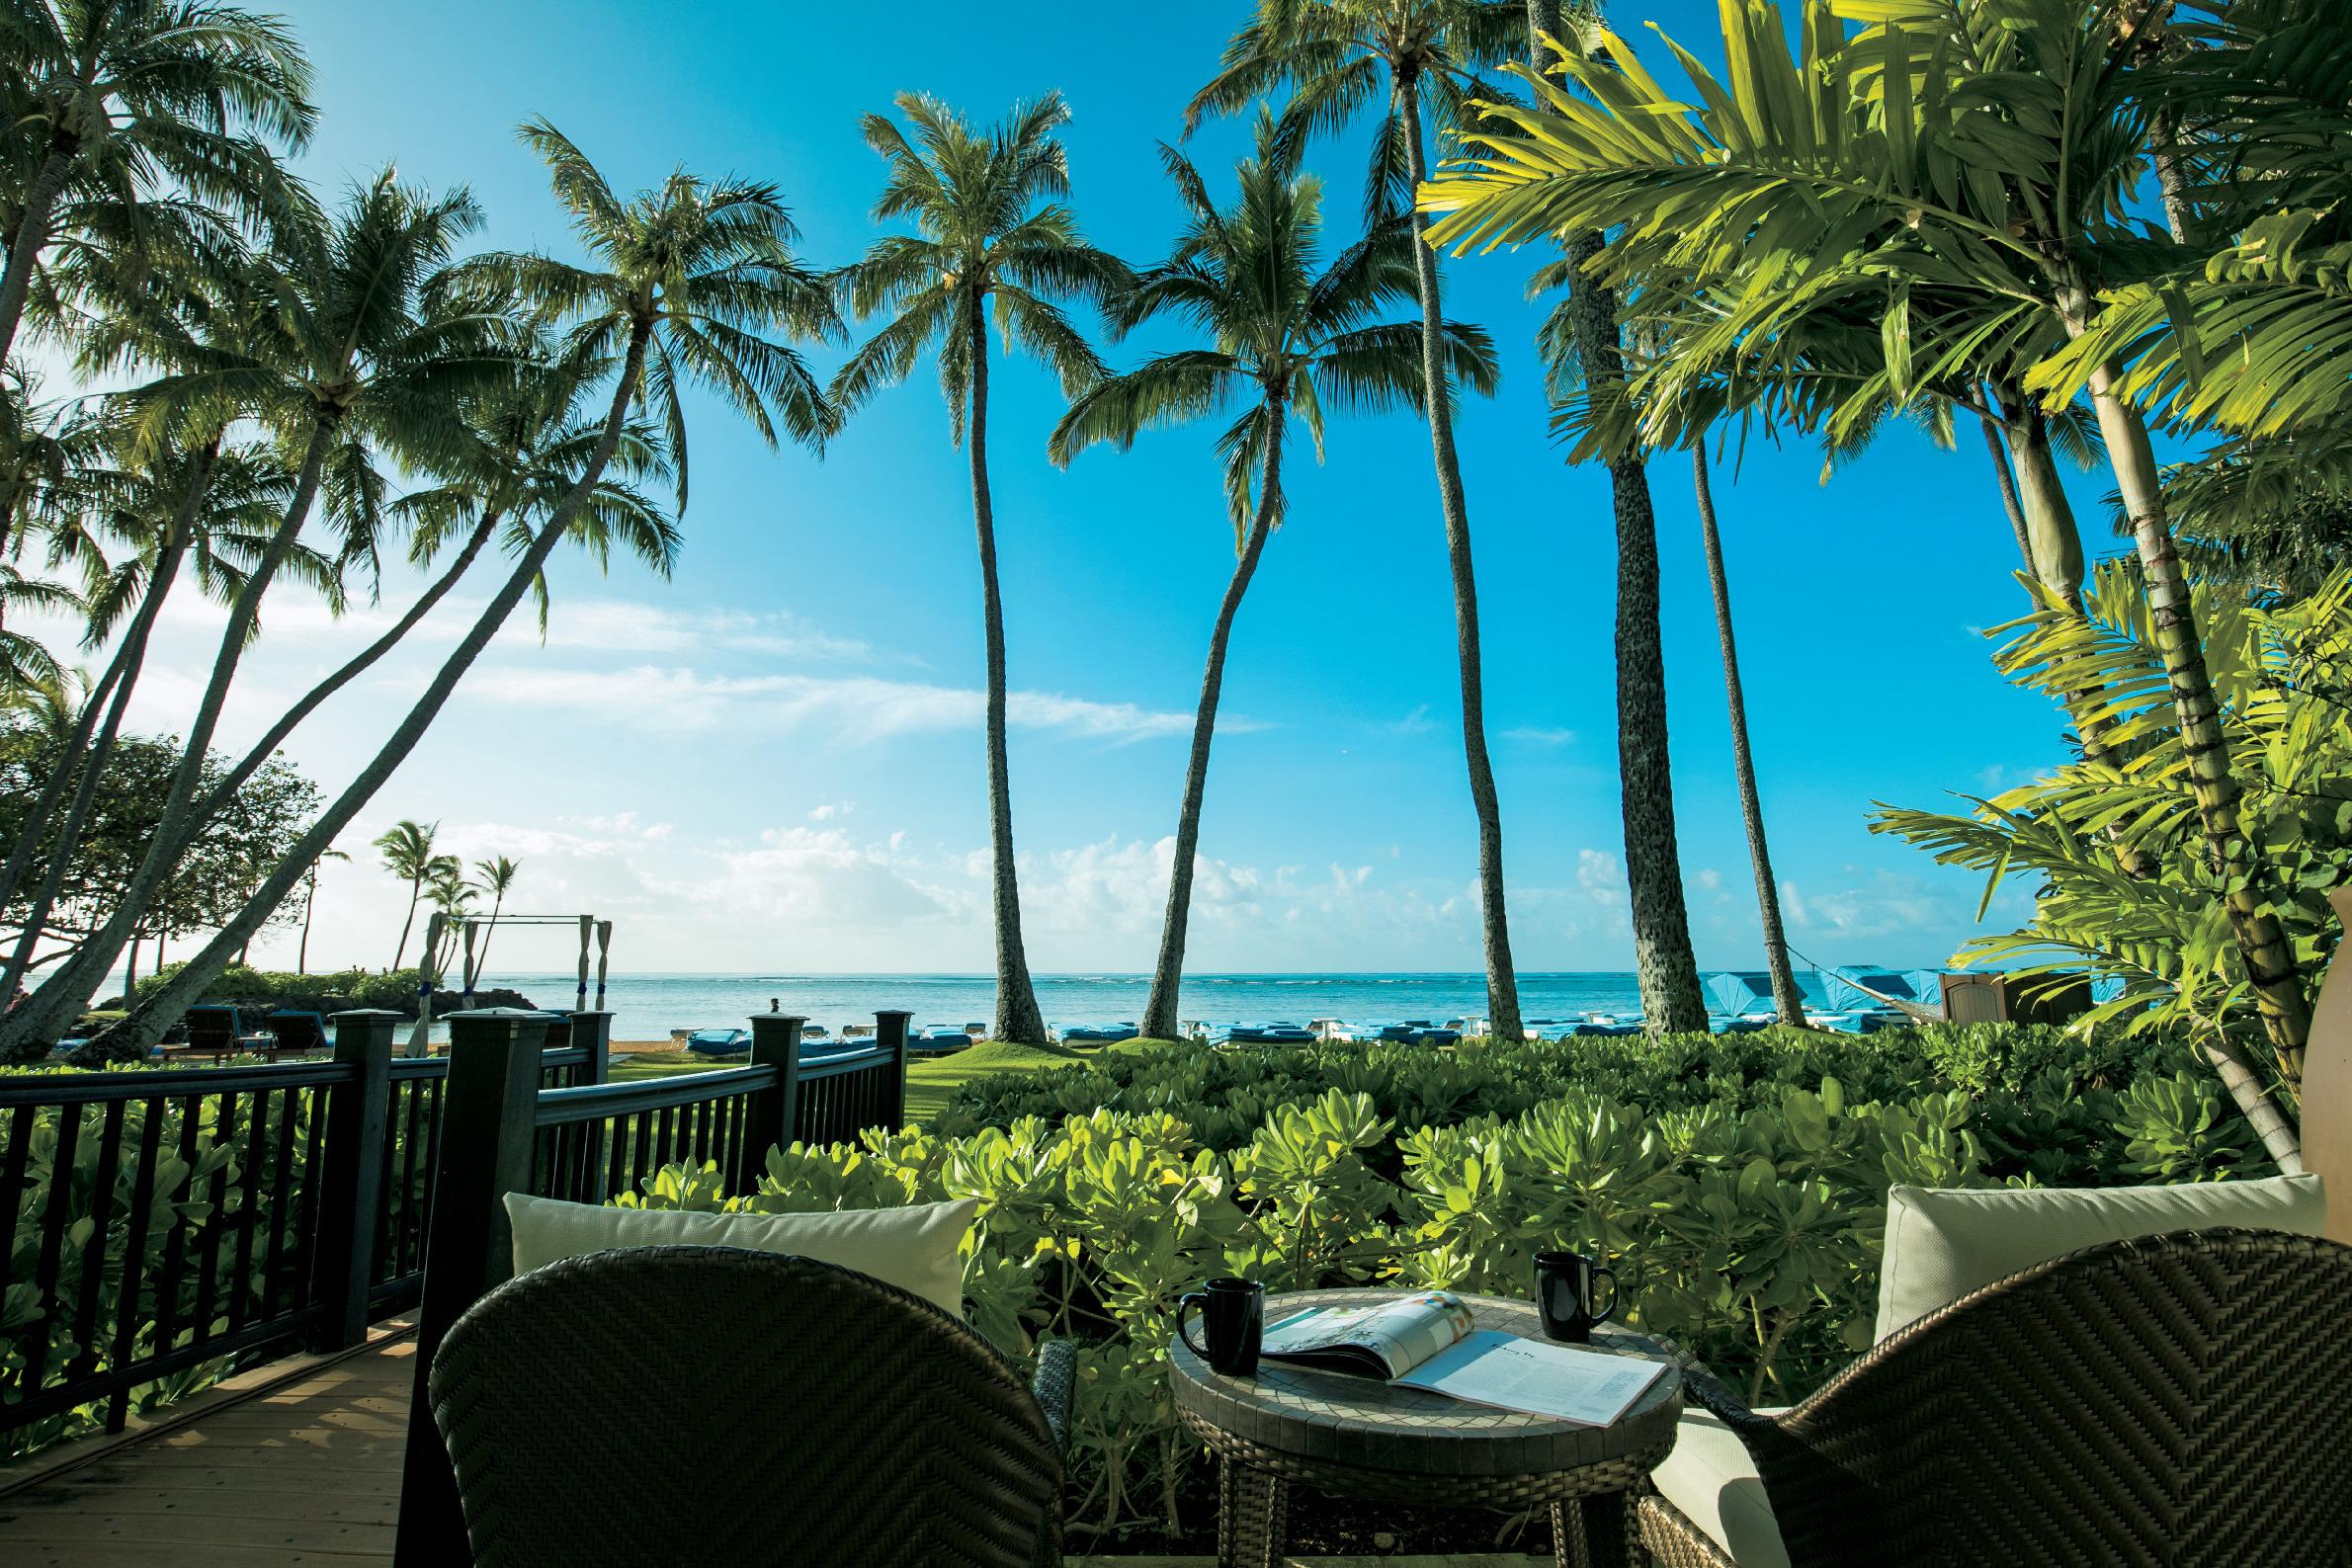 憧れの高級ハワイリゾート『ザ・カハラ』の魅力 五選_3_1